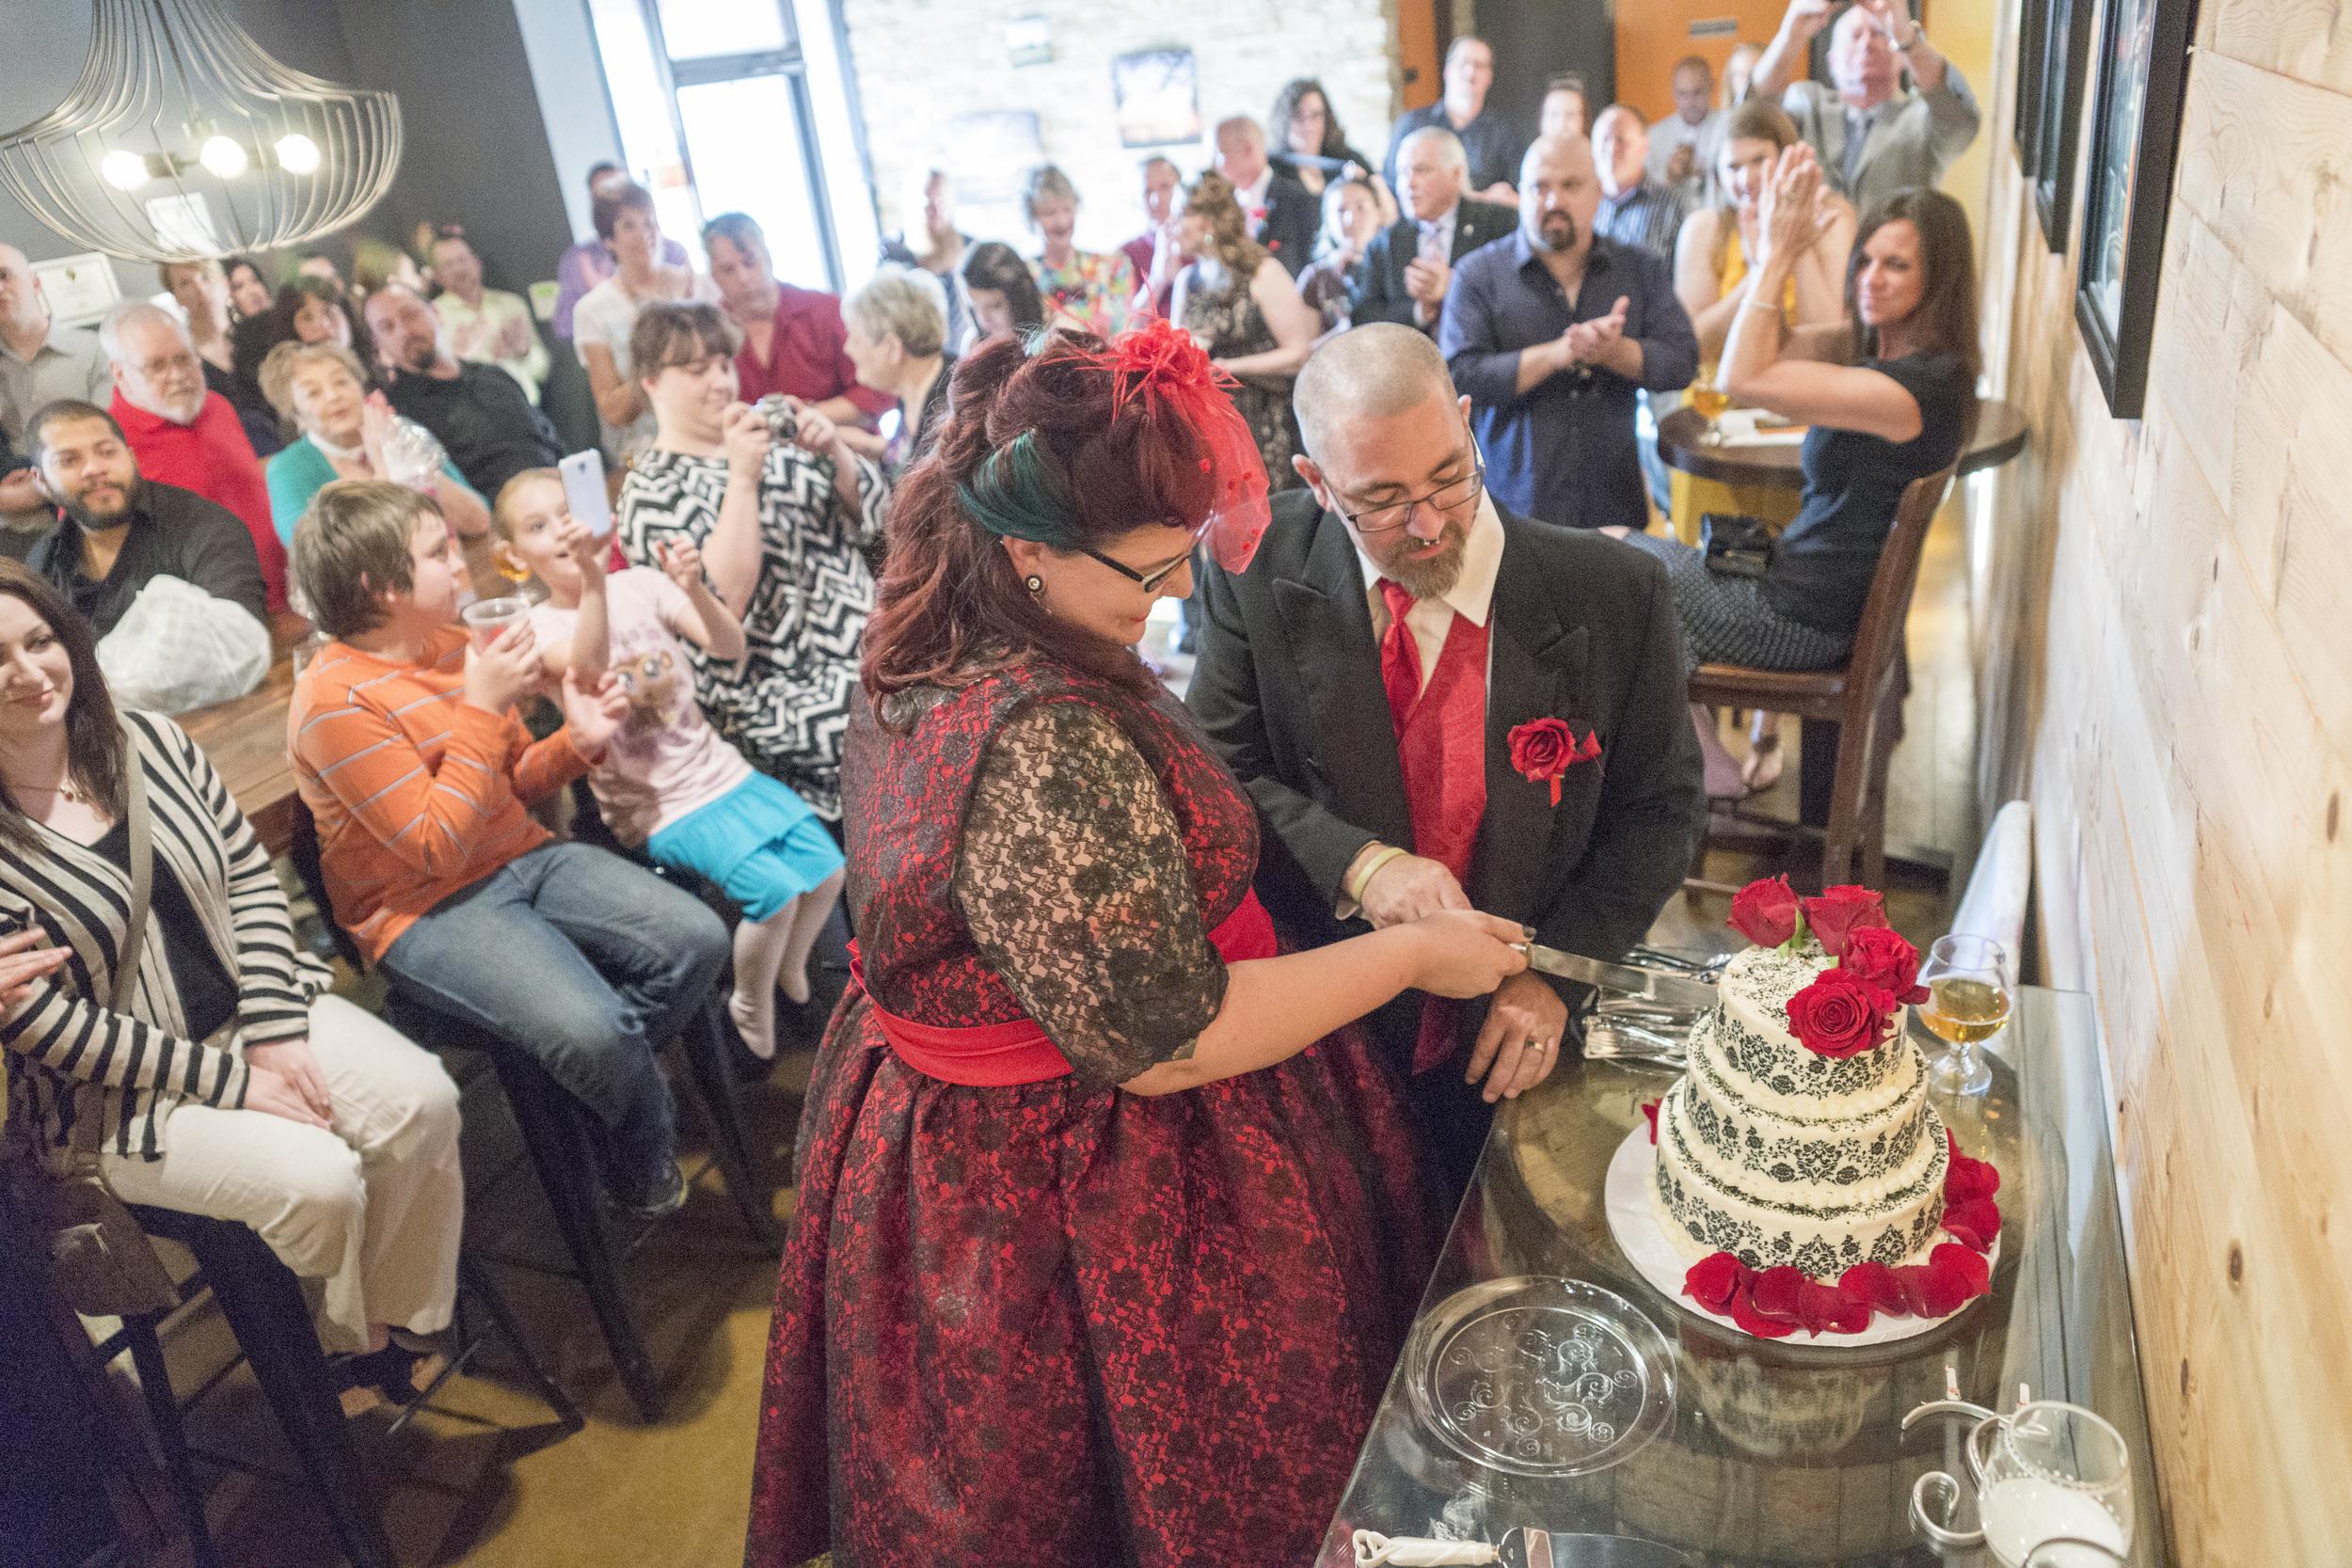 Wedding at Lakewood Brewing Company